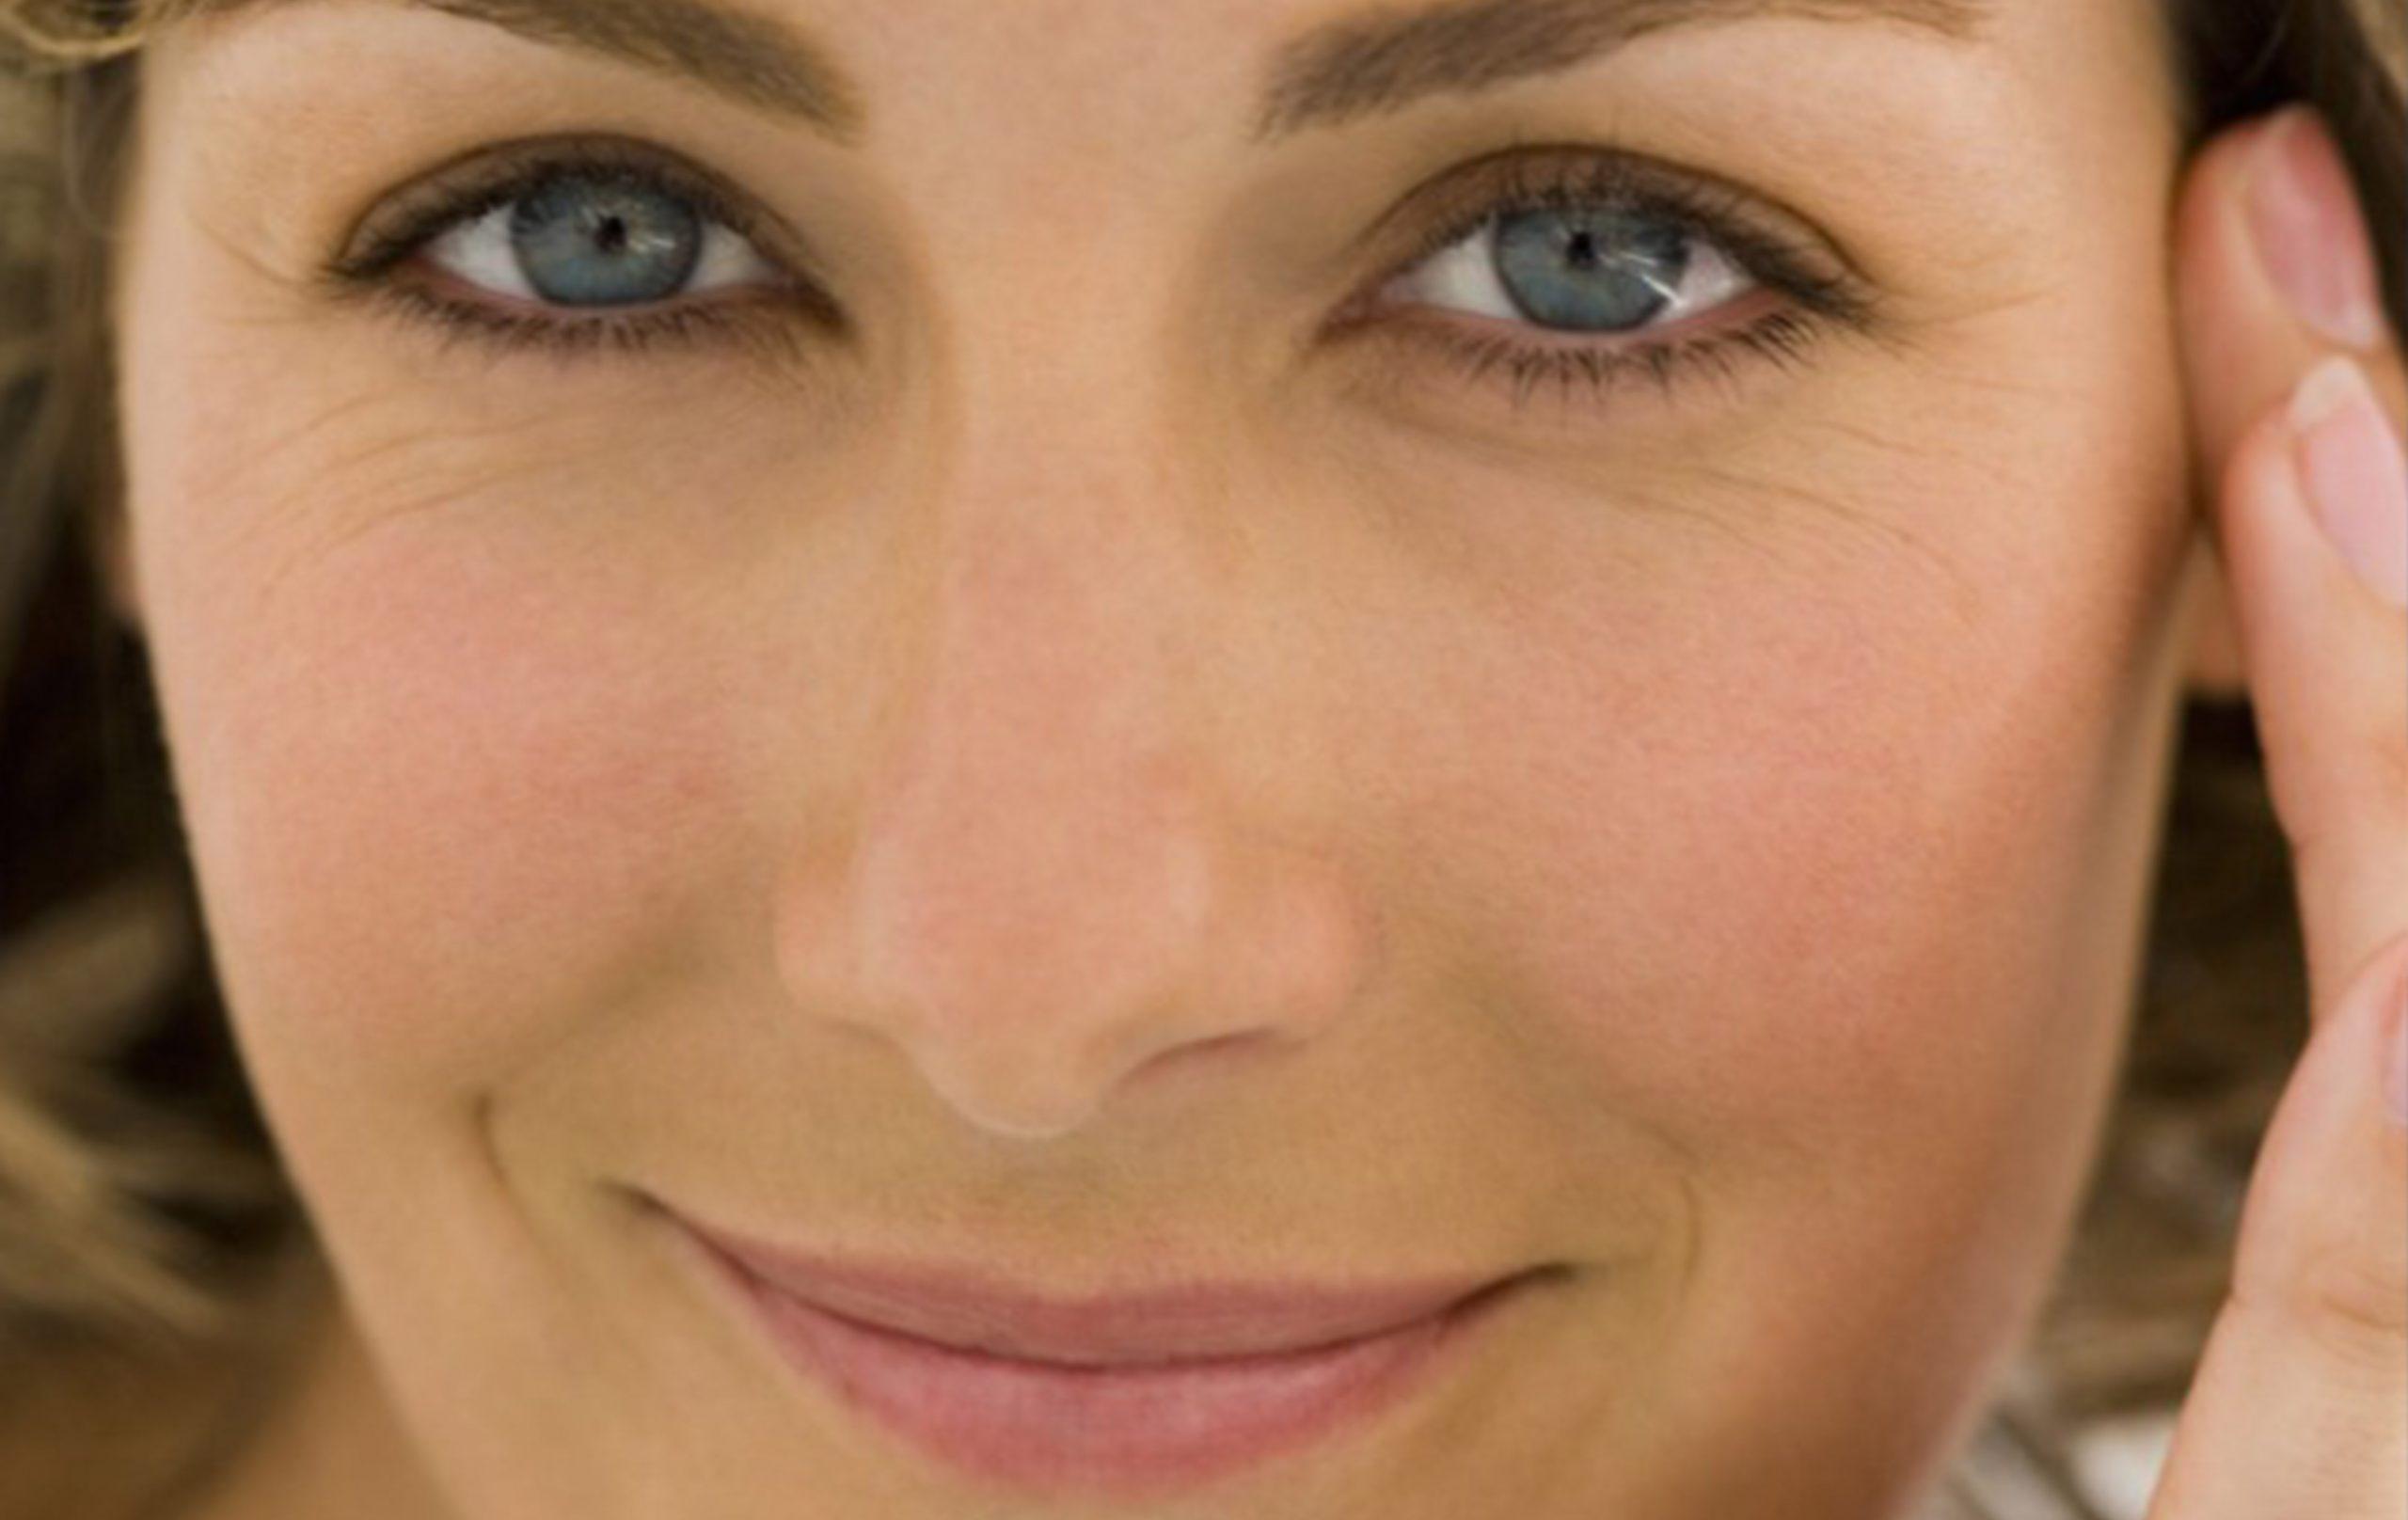 Mesoterapia manchas coimbra delille estetica